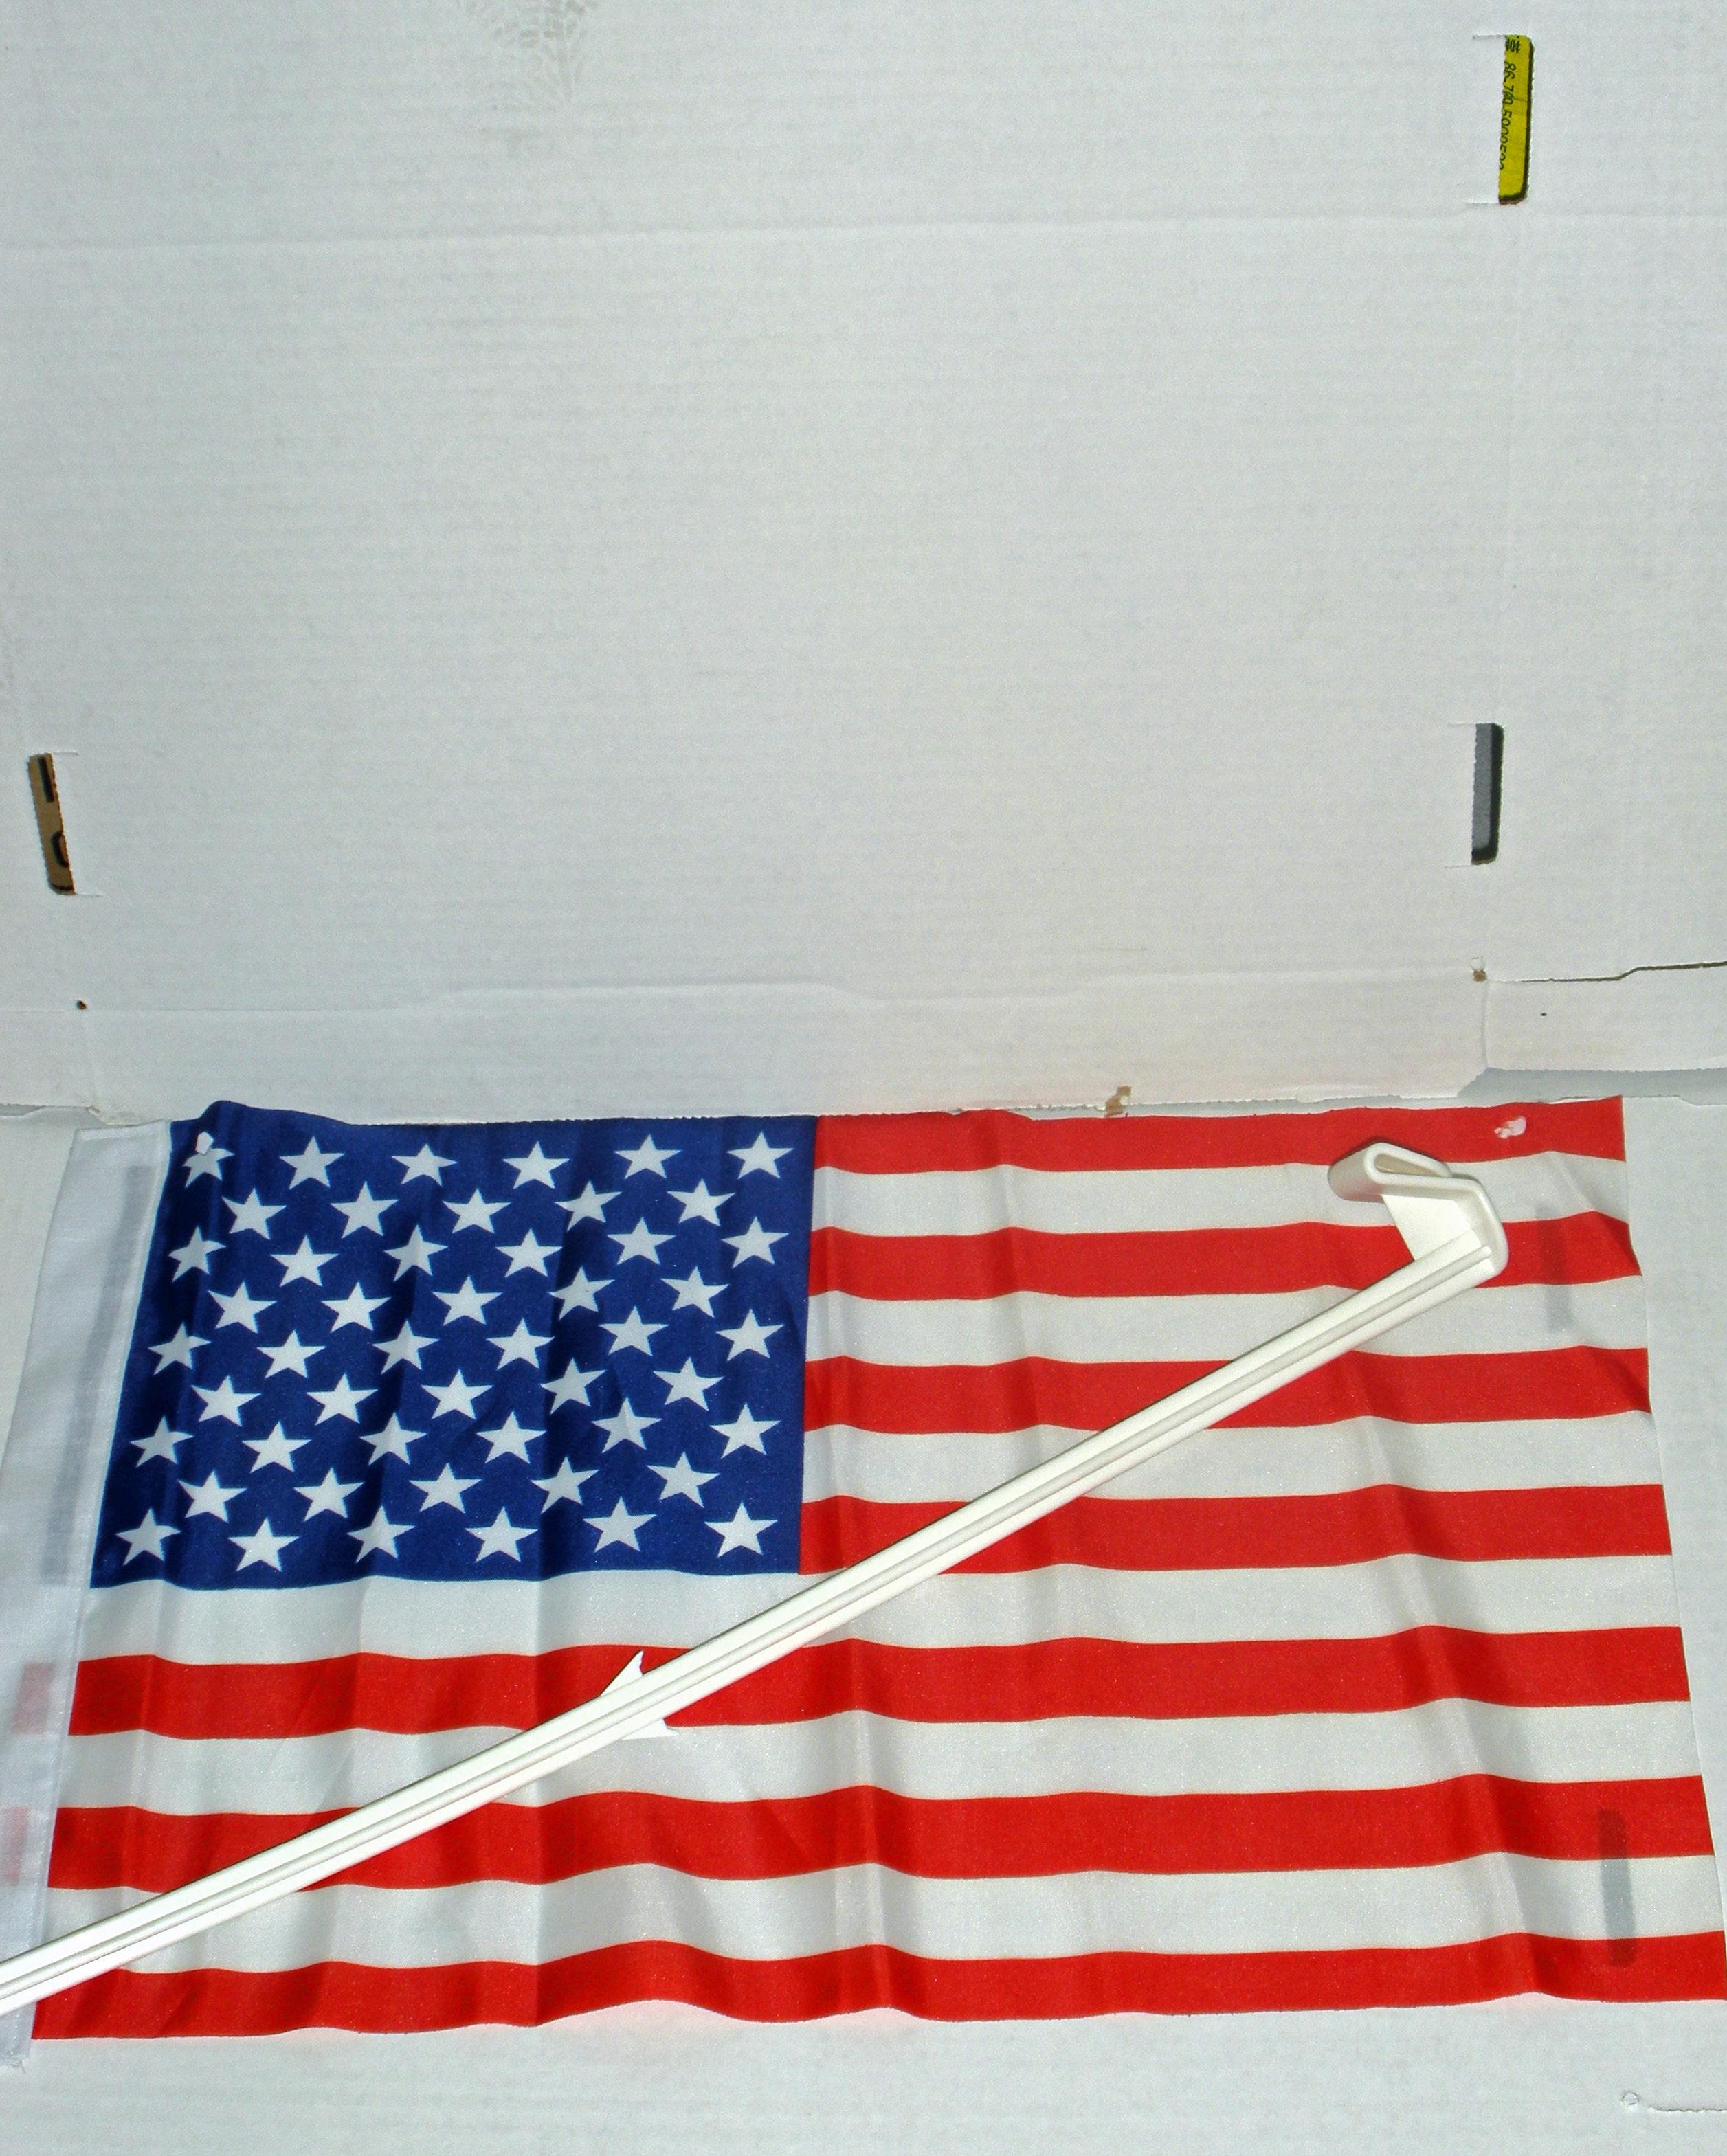 Kpax,Inc - 2615 W 5th Ave - Hialeah, FL 786-464-0999 fax ...